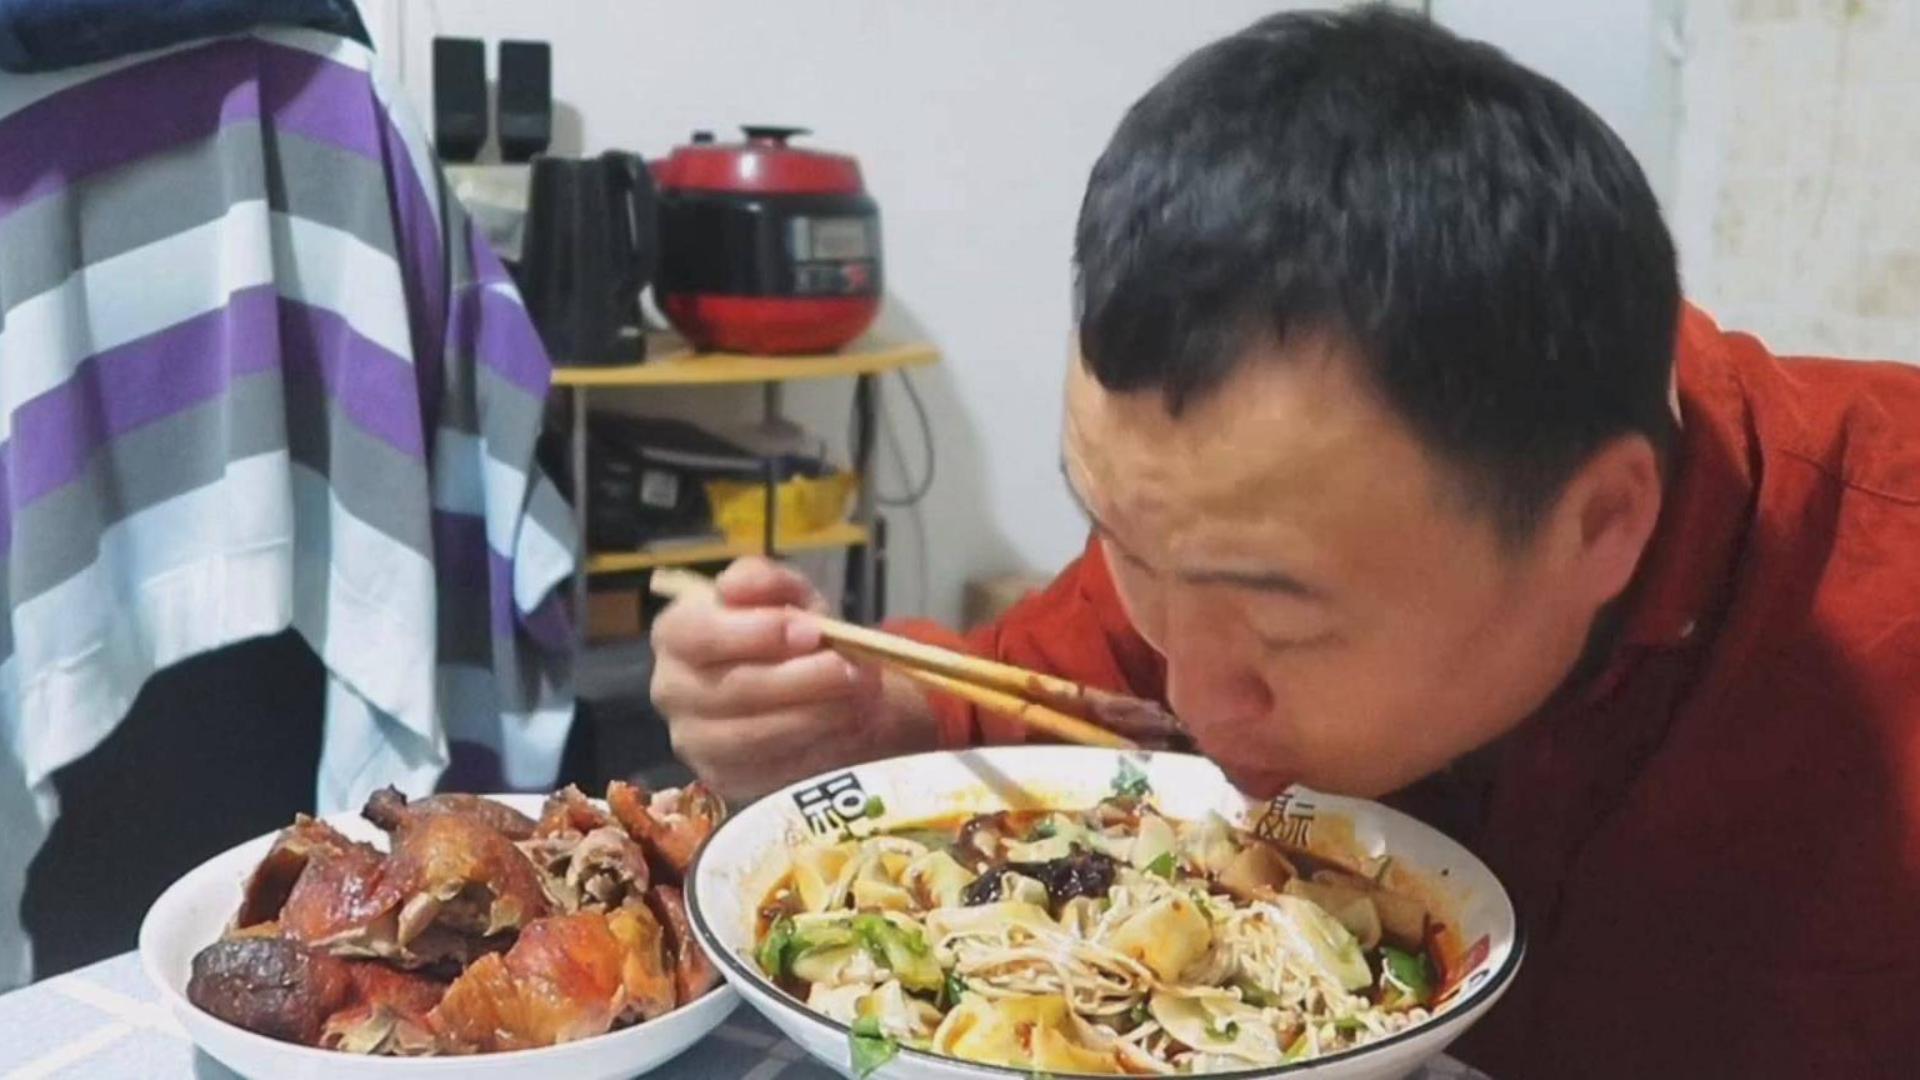 小伙晚餐自制红油抄手、麻辣鲜香,配一只烤鸭,大快朵颐,超过瘾